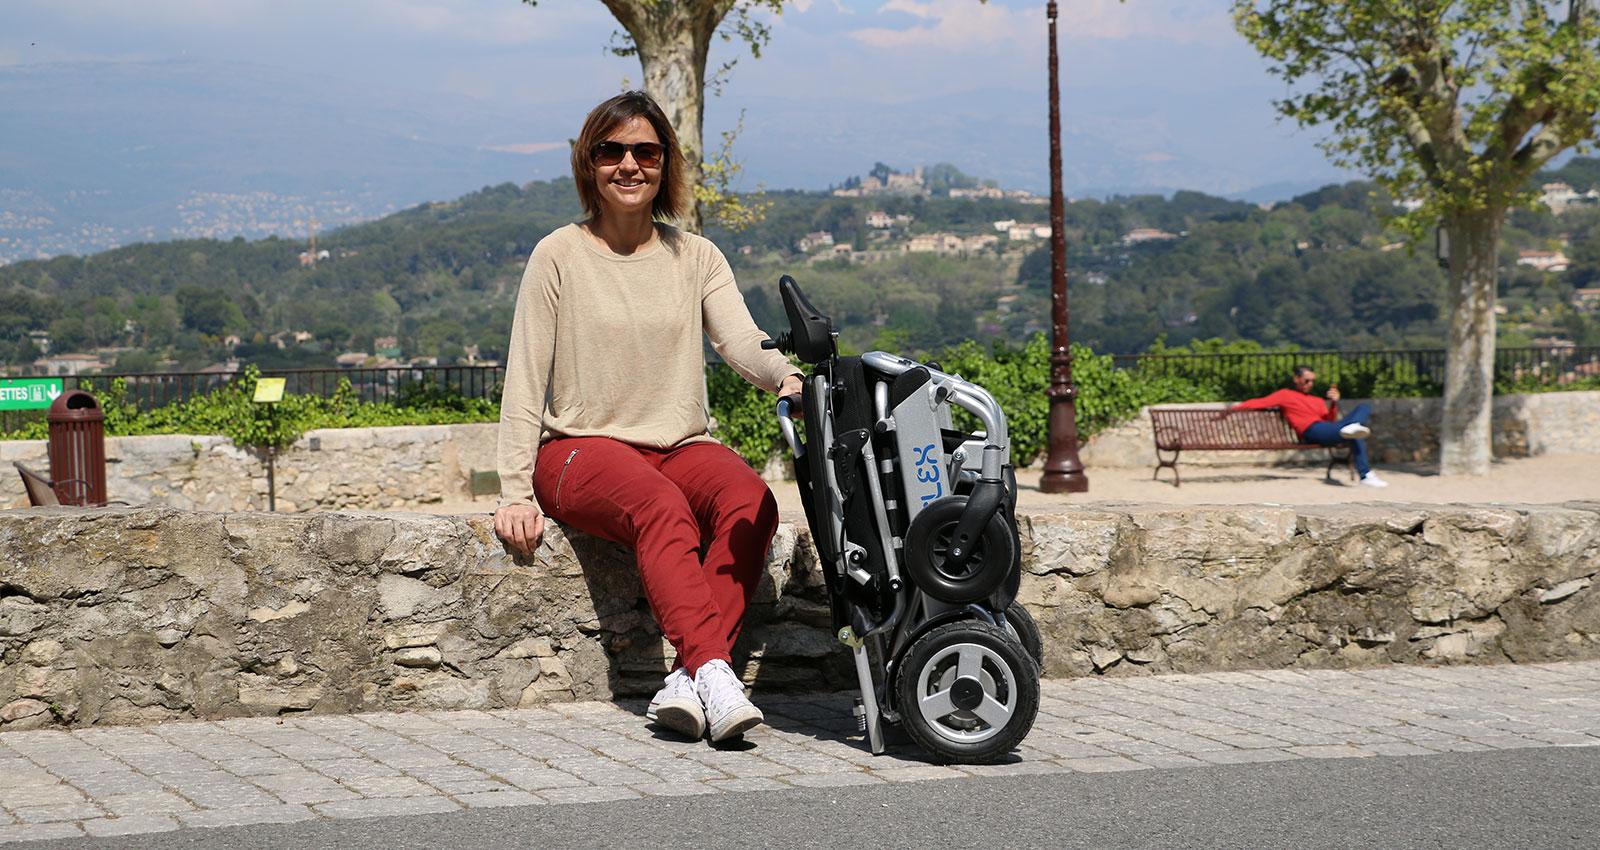 eloflex hopfällbar elrullstol låg vikt-elektrisk rullstol